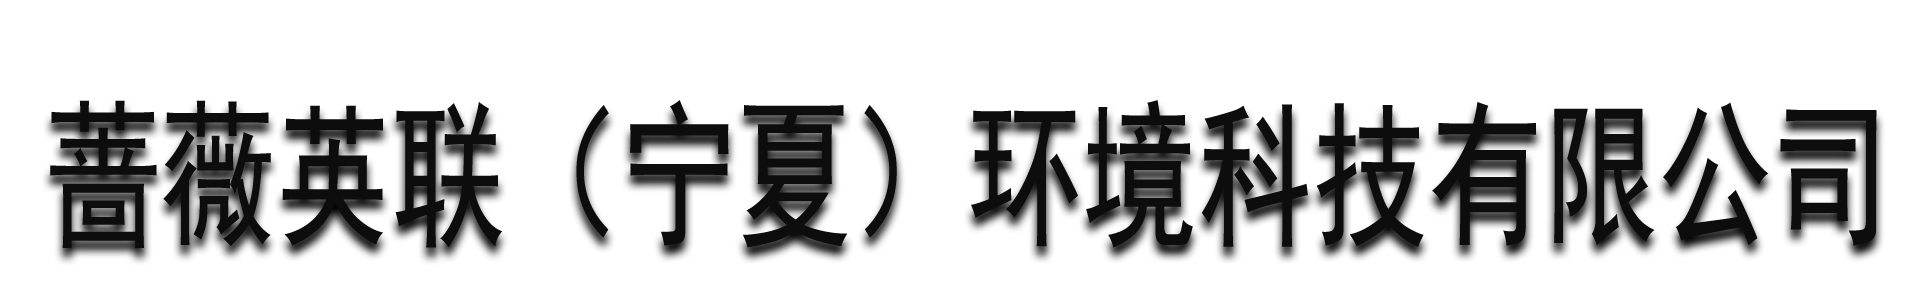 蔷薇英联(宁夏)环境科技有限公司